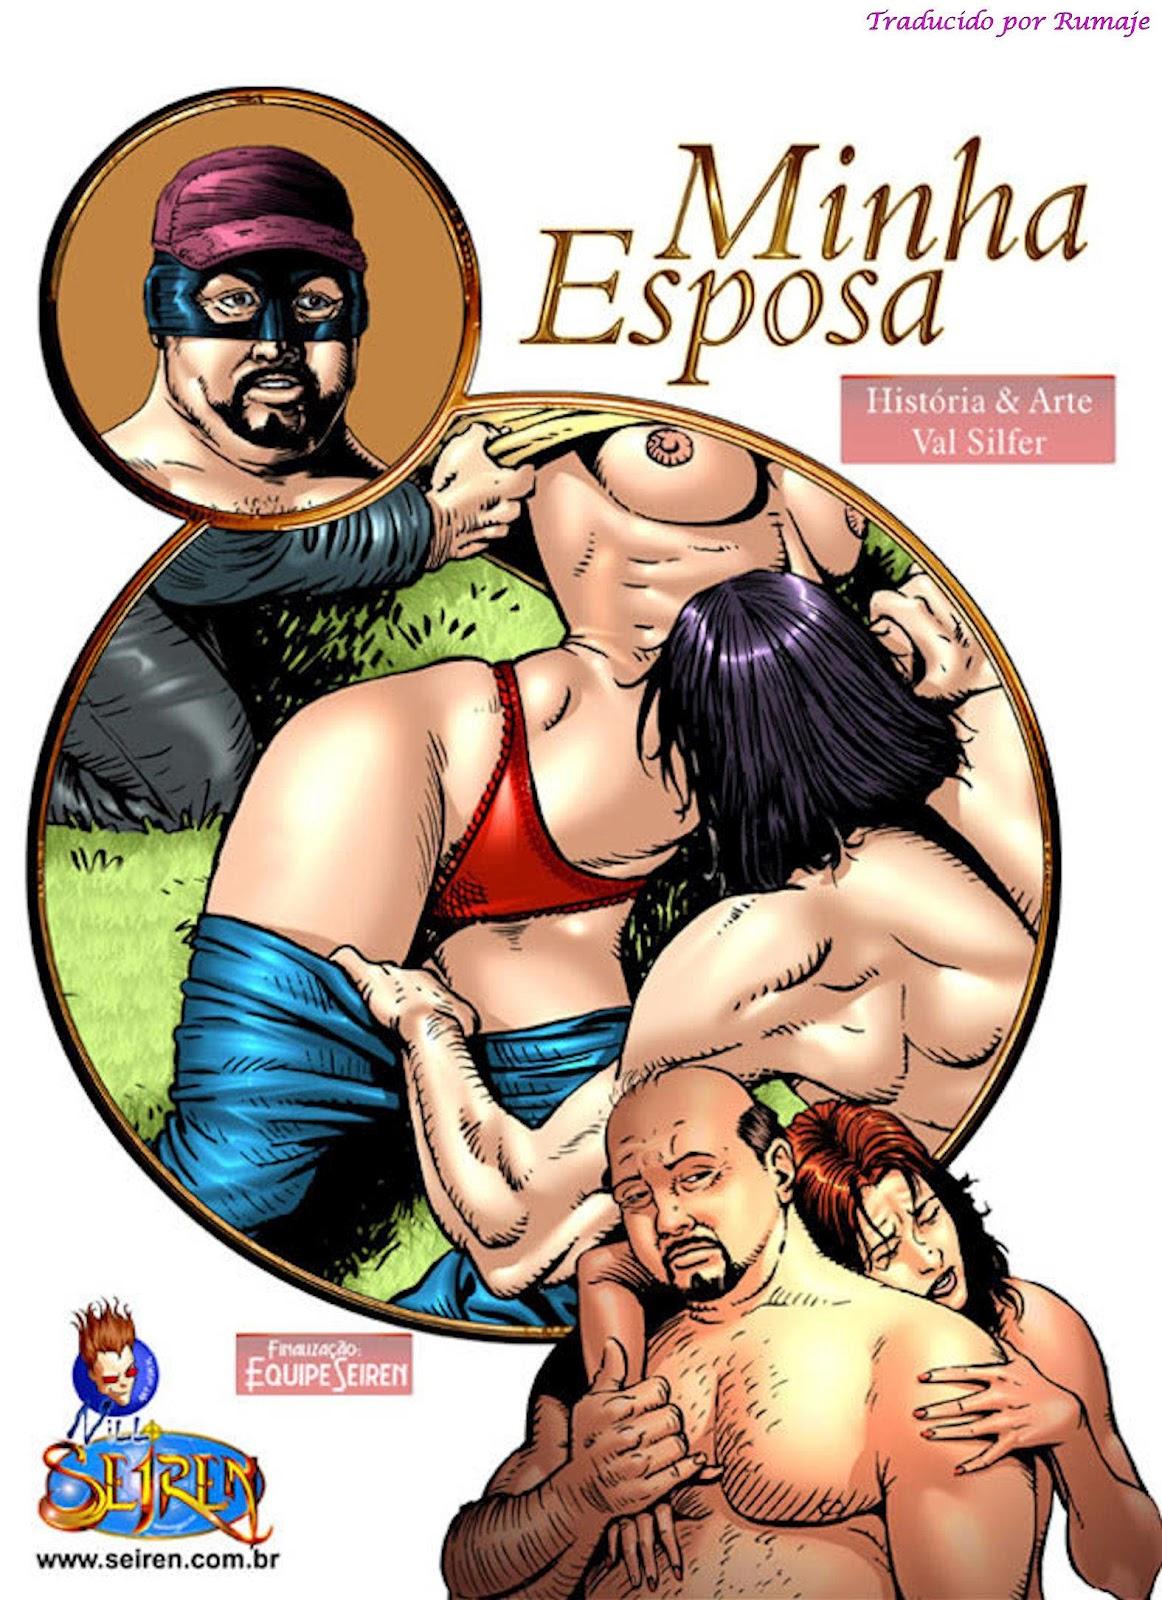 cuentos porno xxx gratis en español